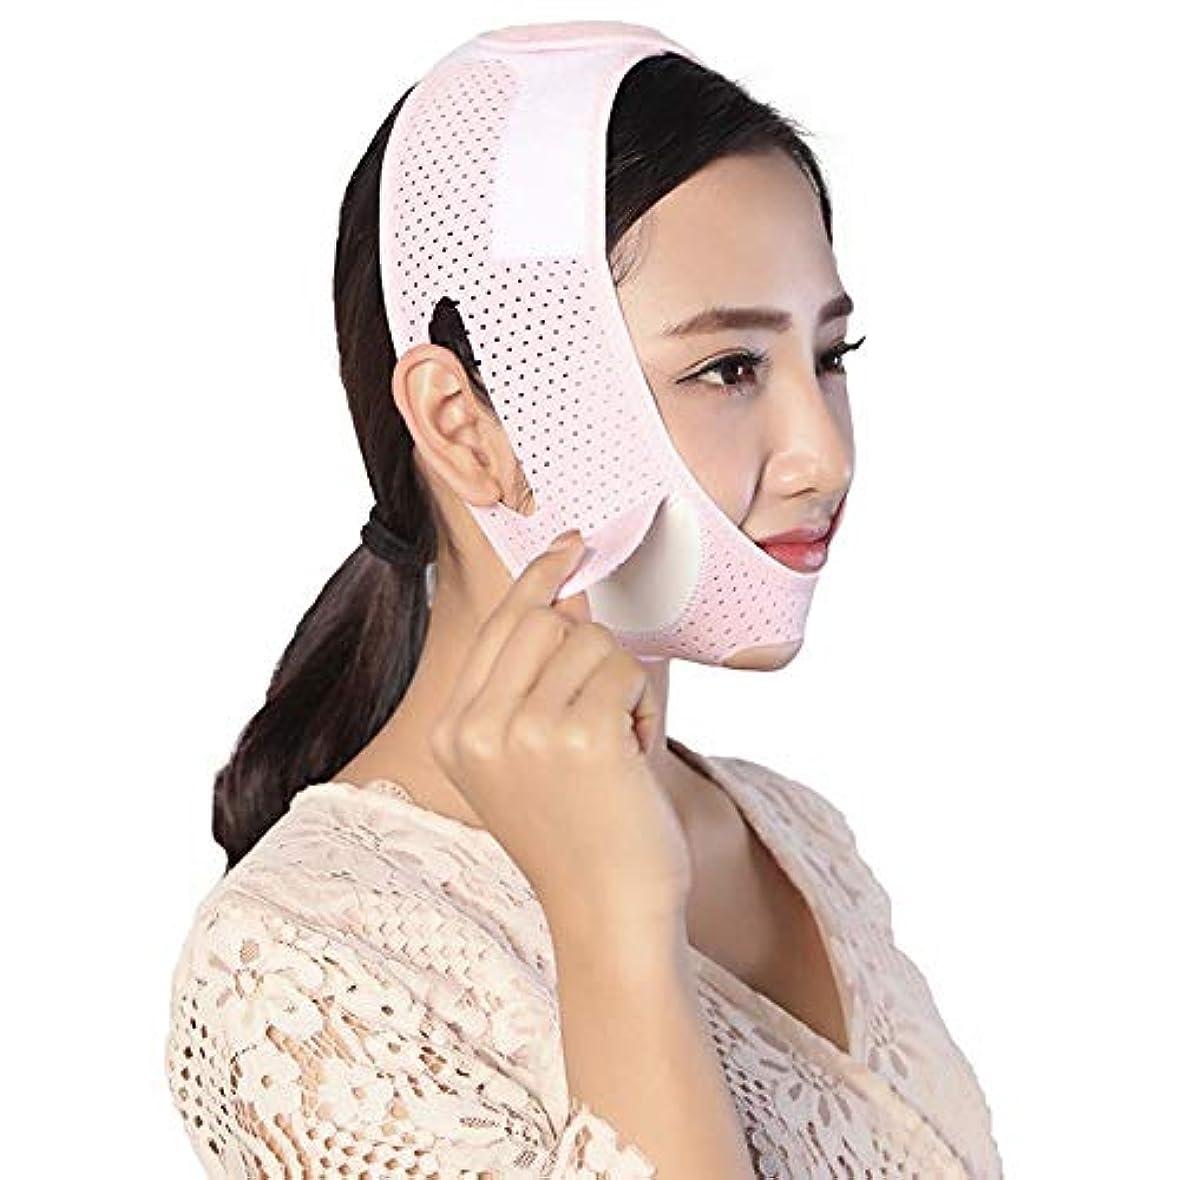 黙休戦心理学Minmin フェイシャルリフティング痩身ベルト - 圧縮二重あご減量ベルトスキンケア薄い顔包帯 みんみんVラインフェイスマスク